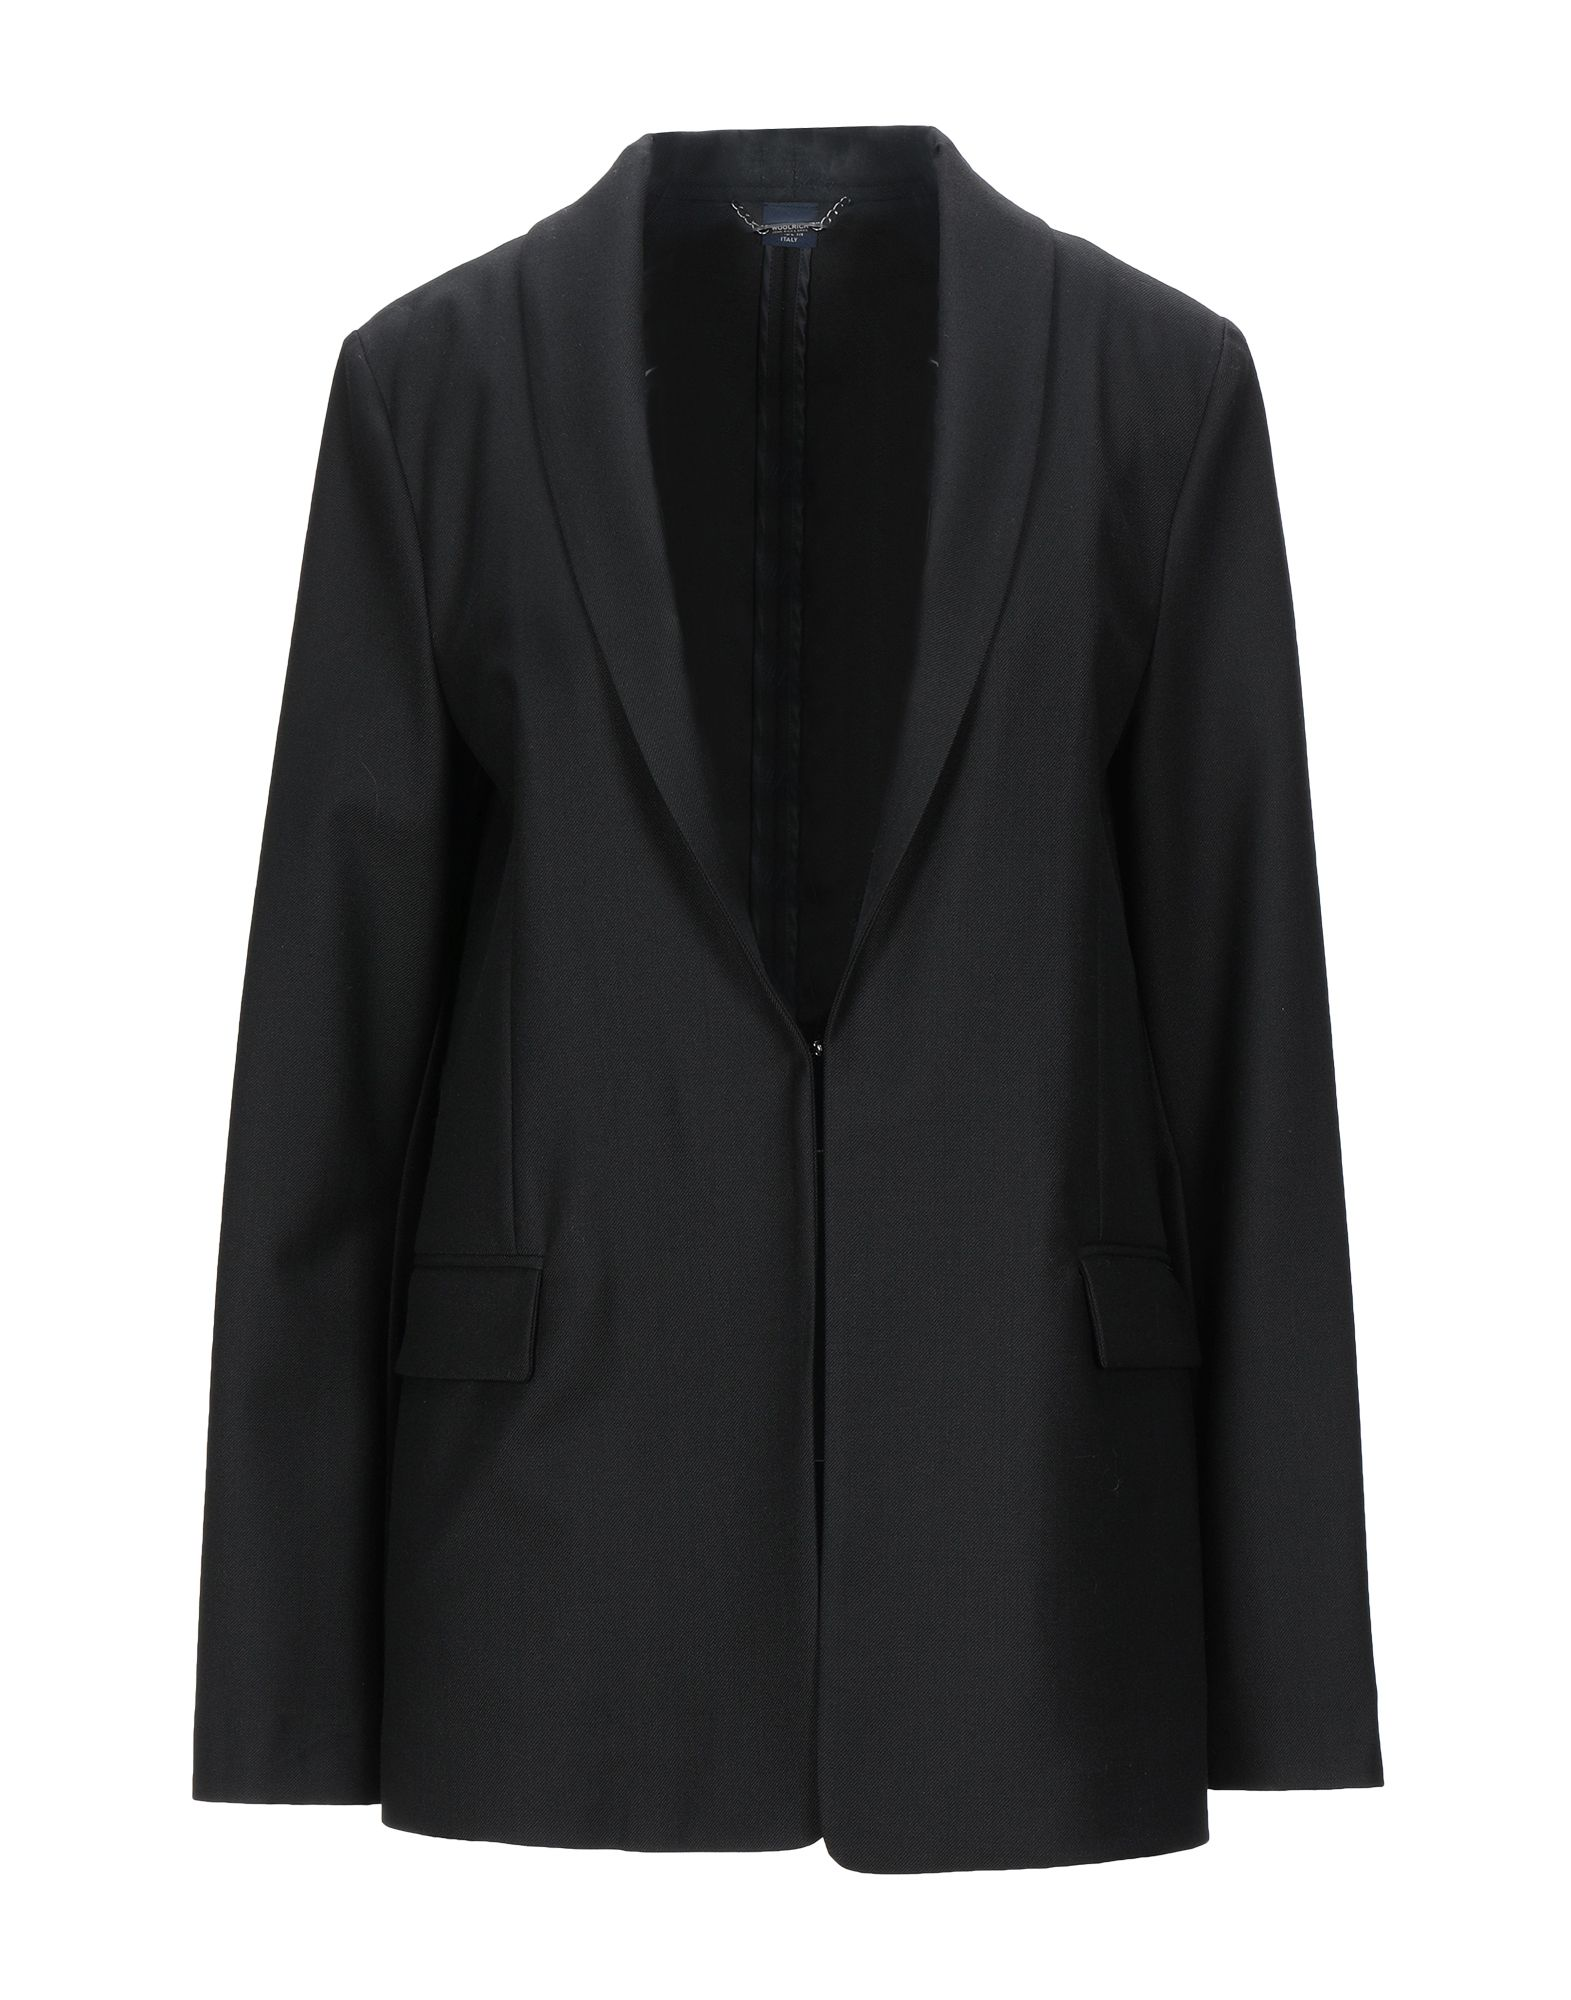 《セール開催中》WOOLRICH レディース テーラードジャケット ブラック M ポリエステル 53% / バージンウール 43% / ポリウレタン 4%